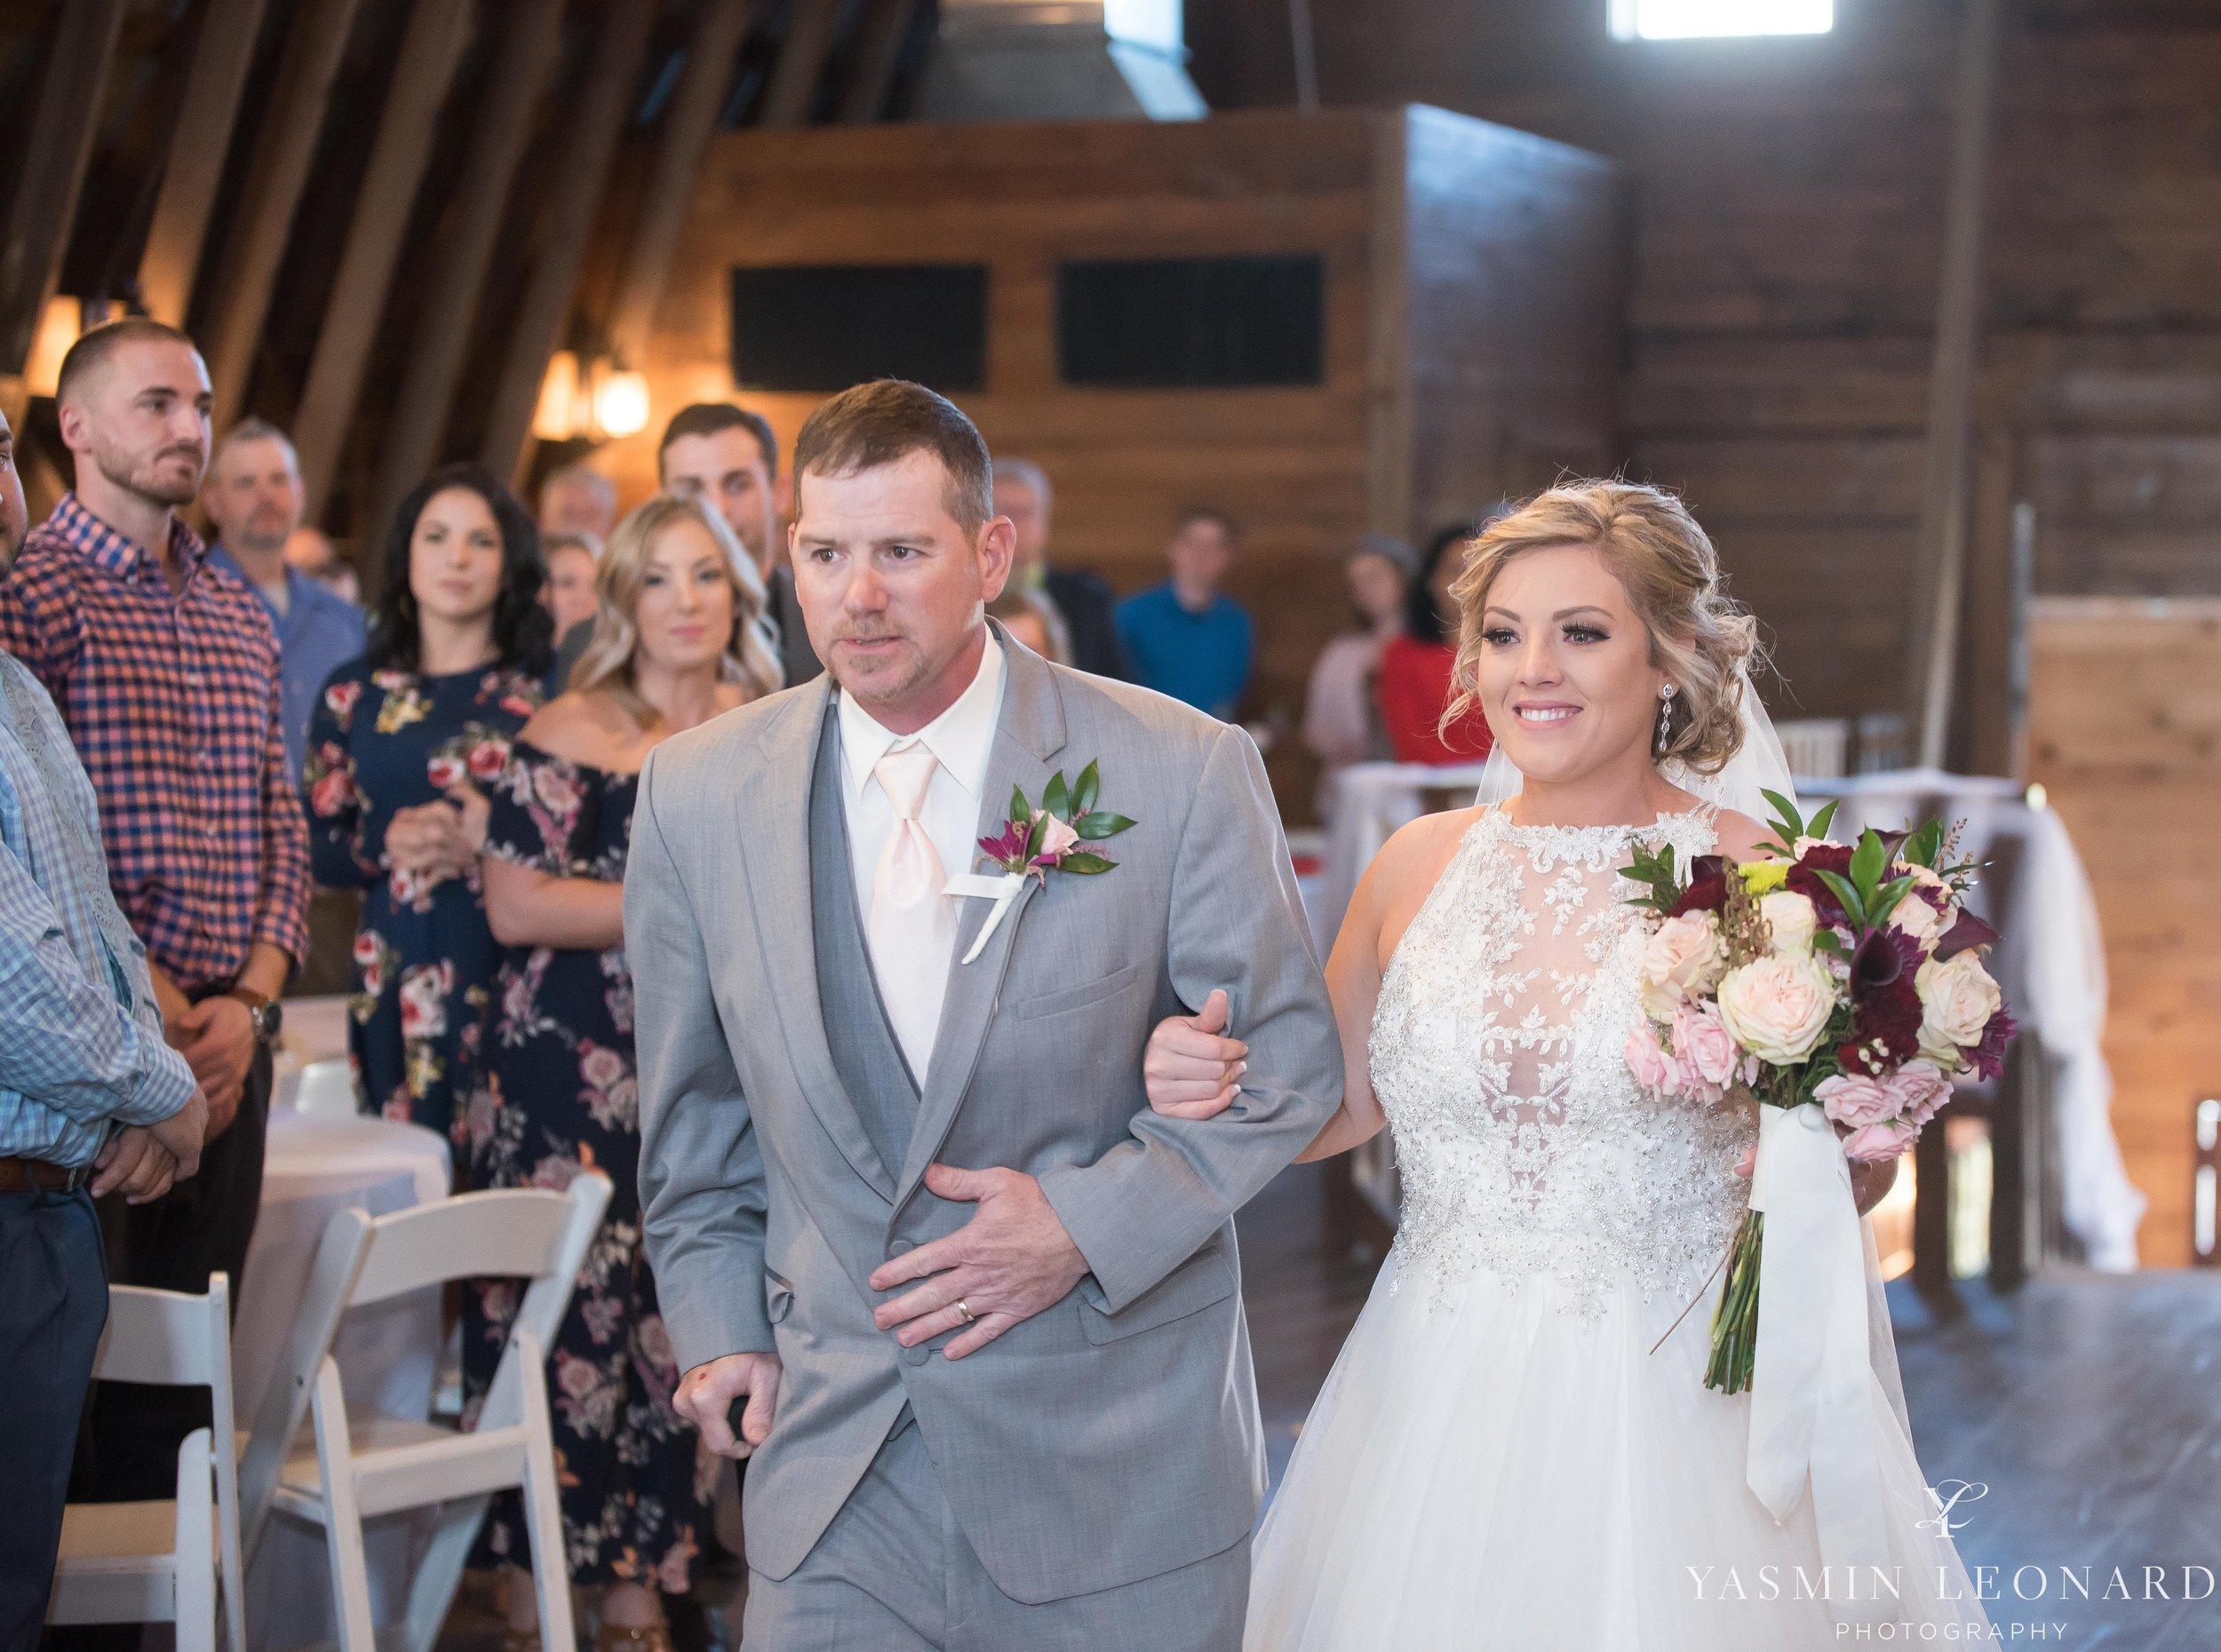 Millikan Farms - Millikan Farms Wedding - Sophia NC Wedding - NC Wedding - NC Wedding Photographer - Yasmin Leonard Photography - High Point Photographer - Barn Wedding - Wedding Venues in NC - Triad Wedding Photographer-41.jpg